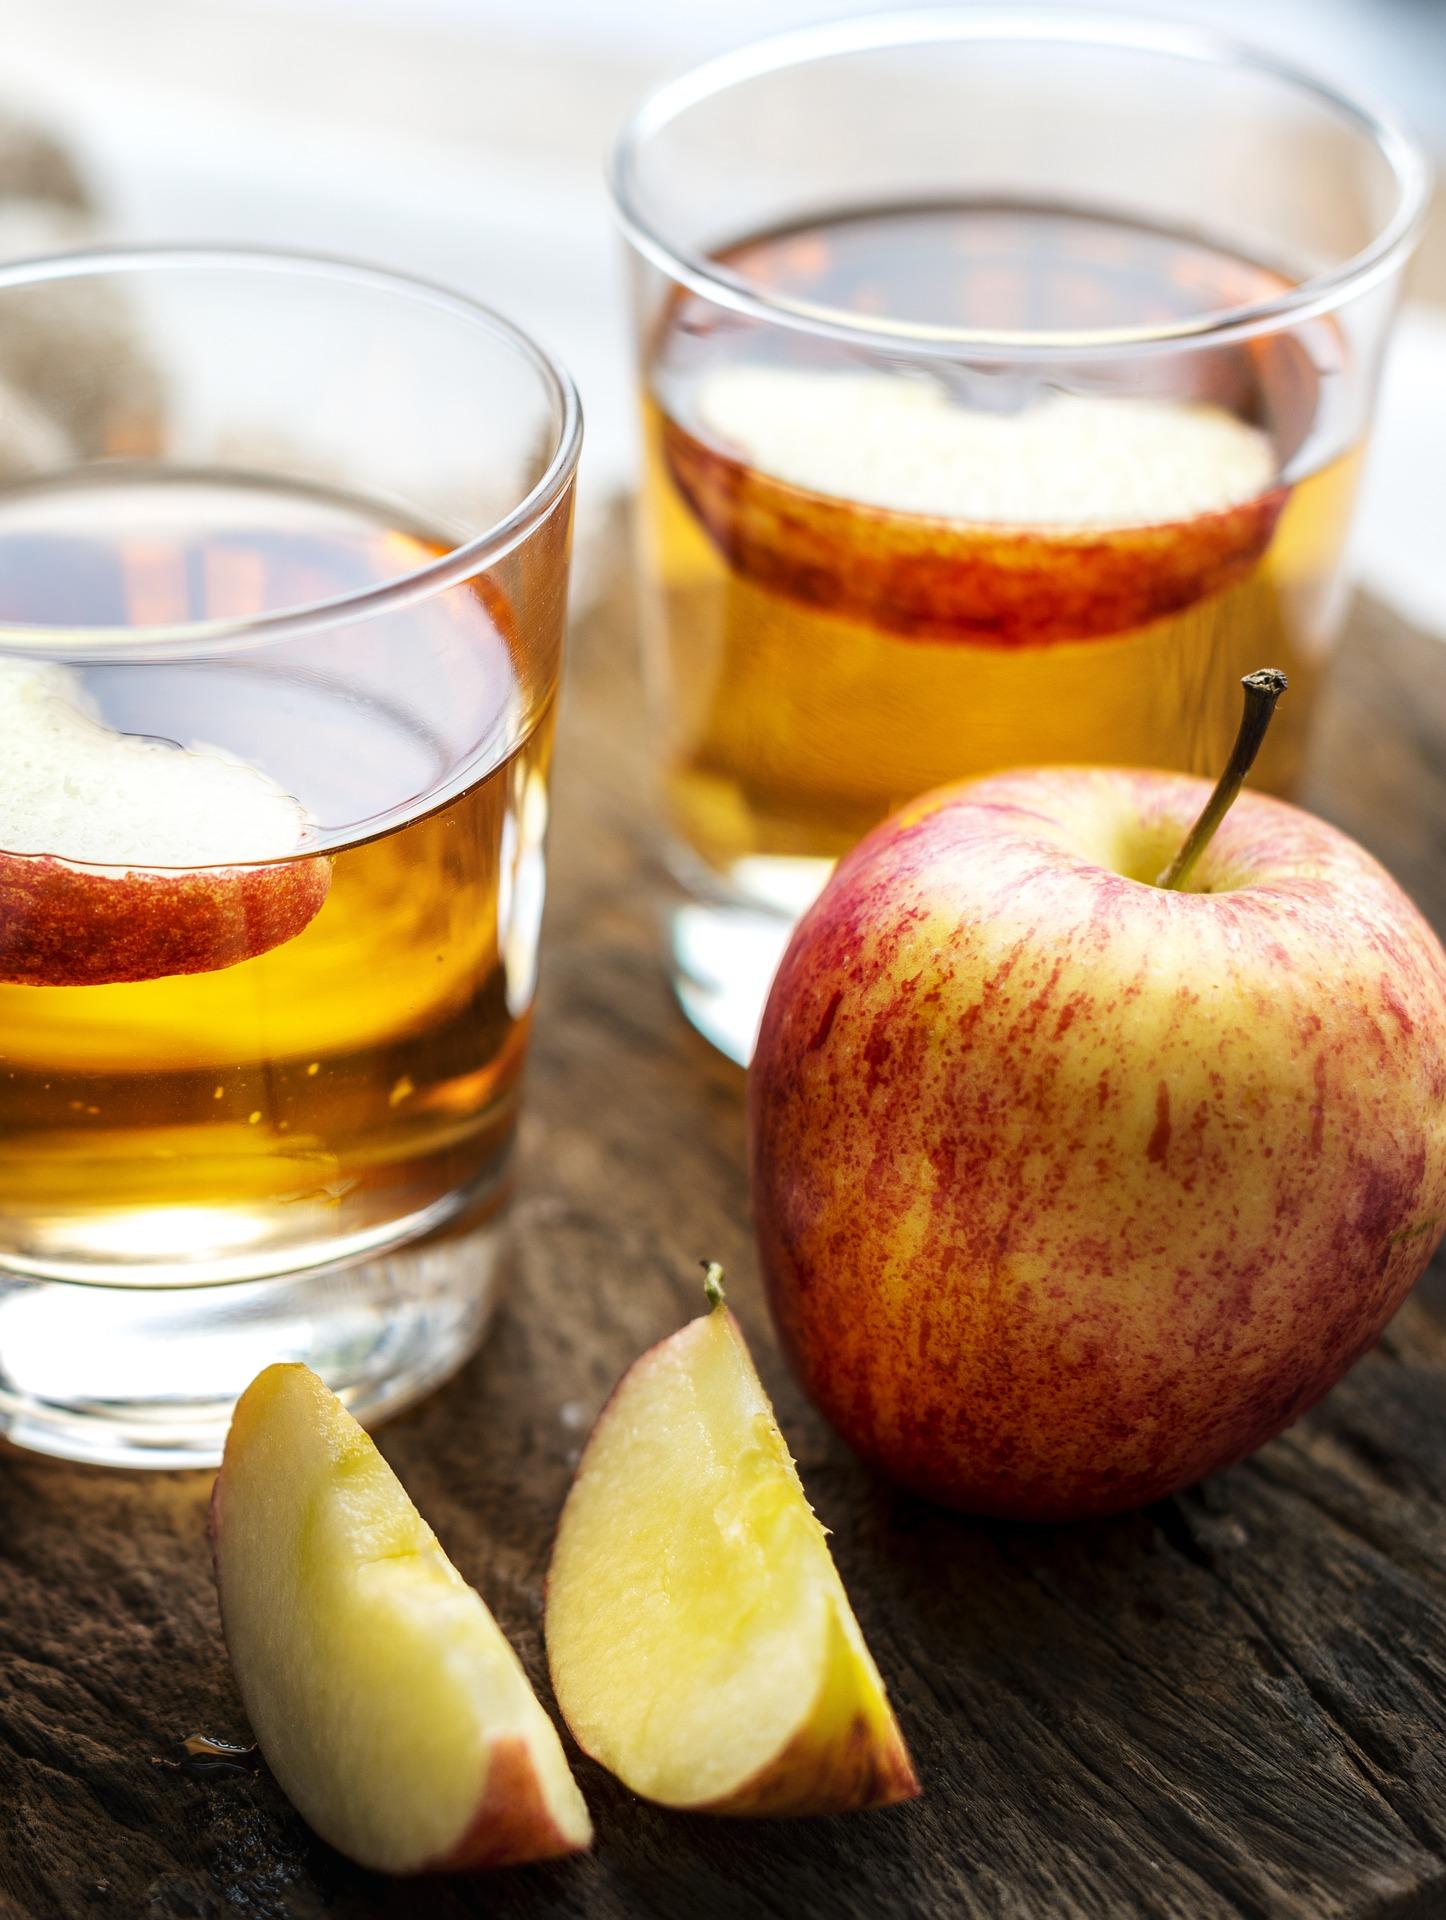 cups of apple cider vinegar